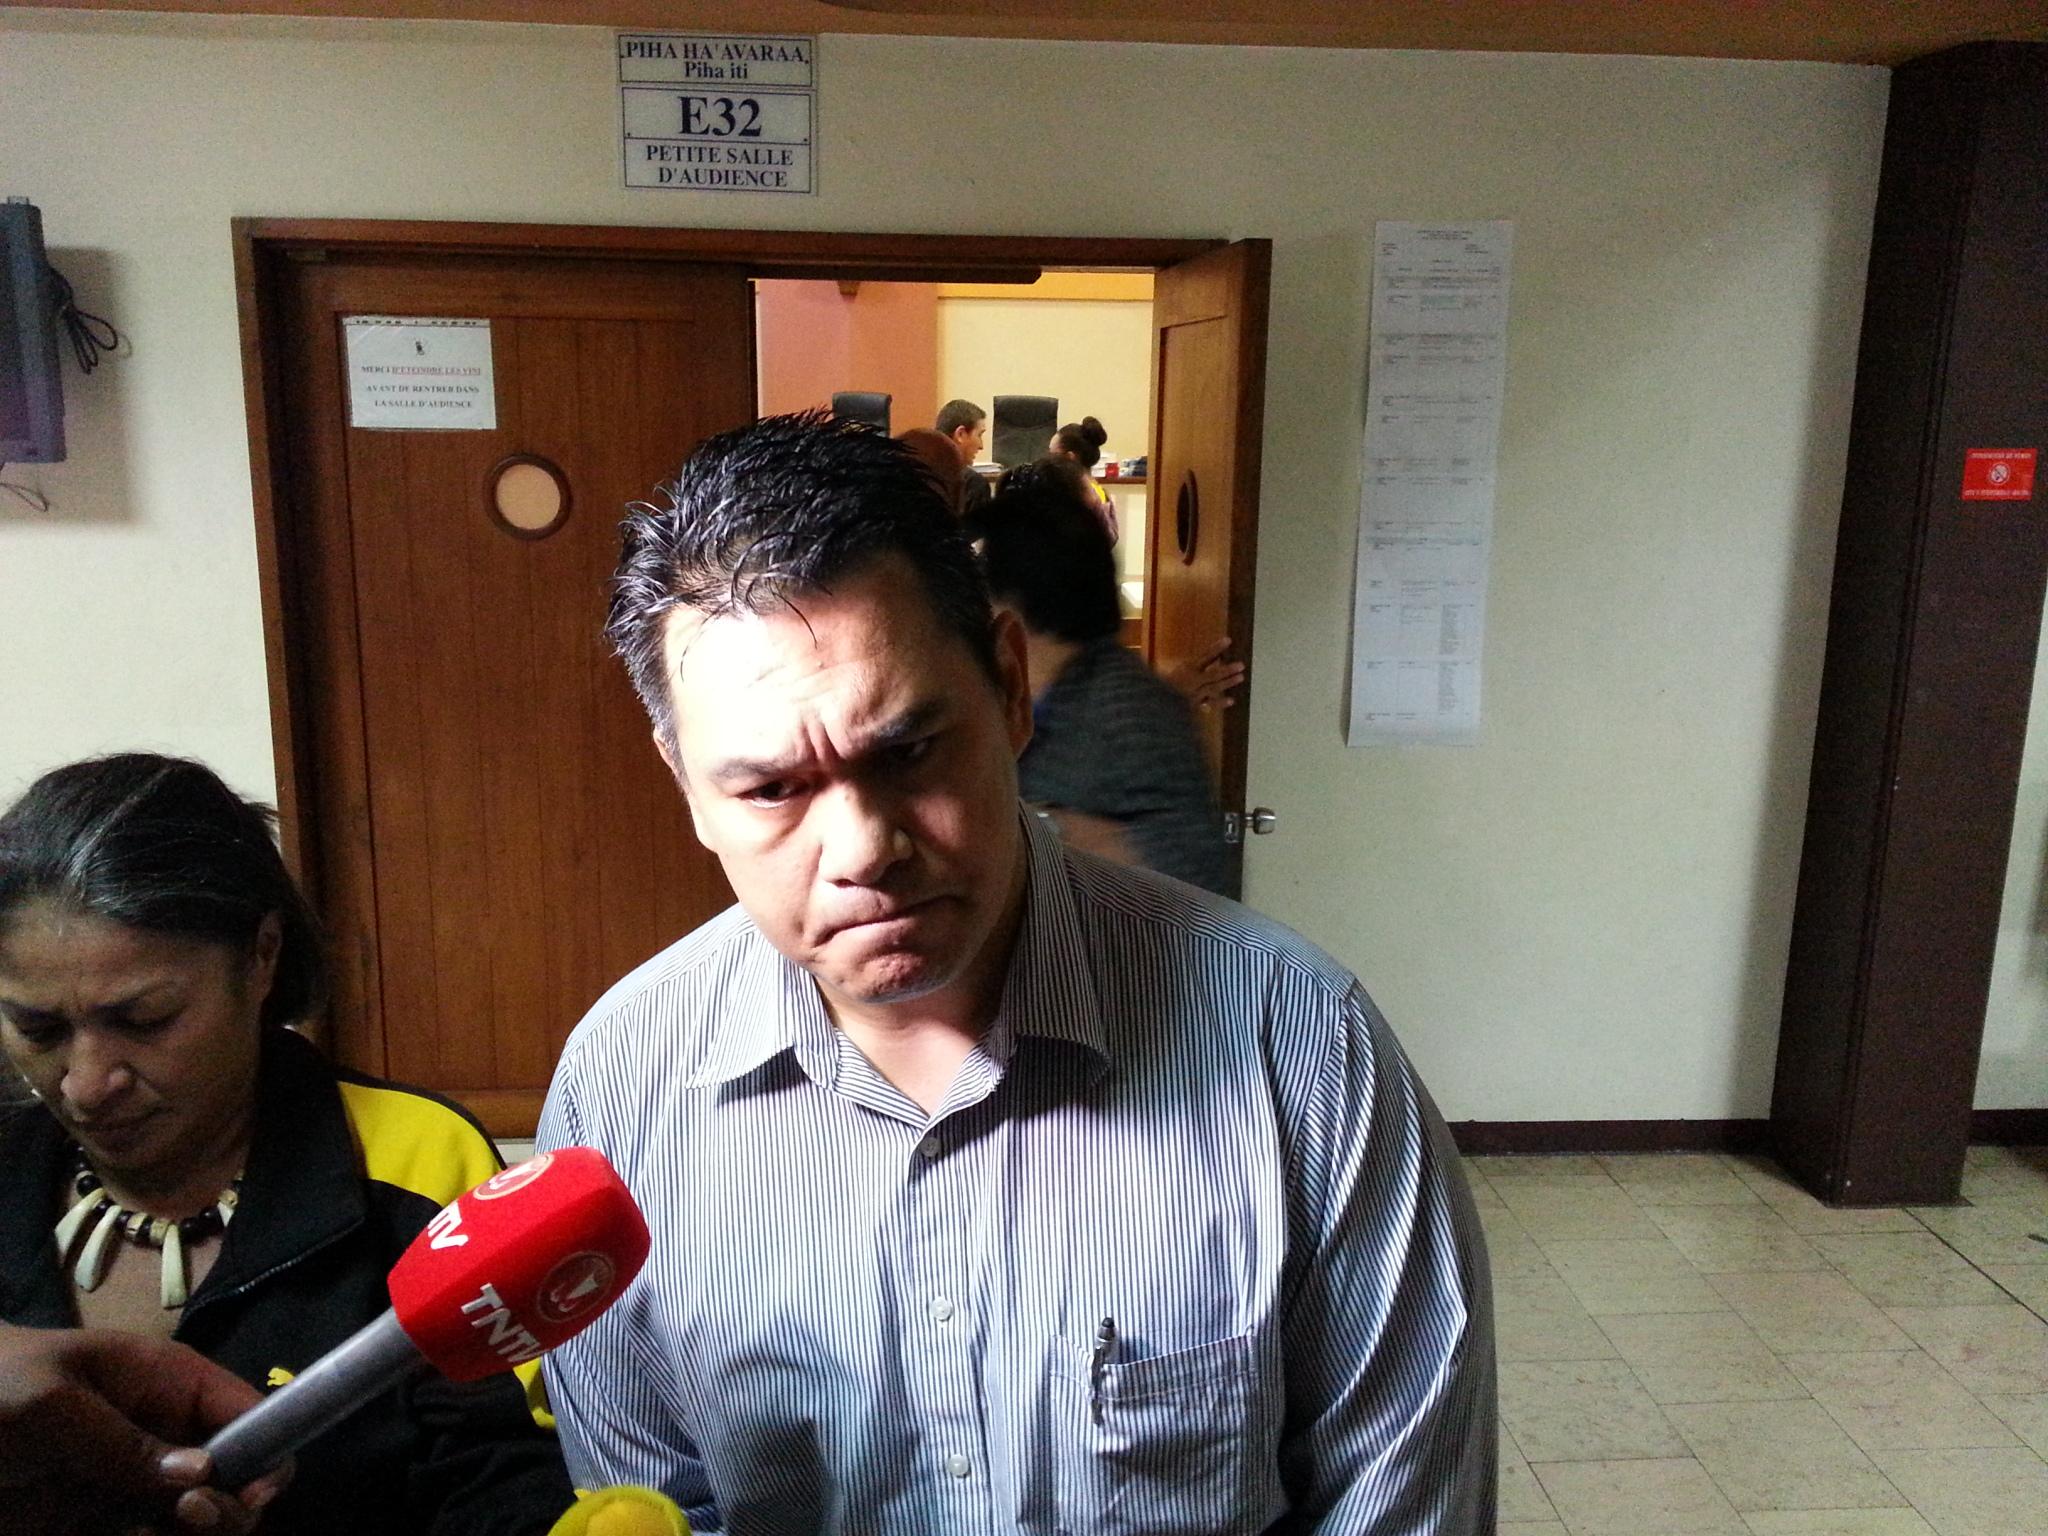 Le député Jean-Paul Tuaiva qui disait renoncer à la politique en cas de condamnation, en avril 2016.